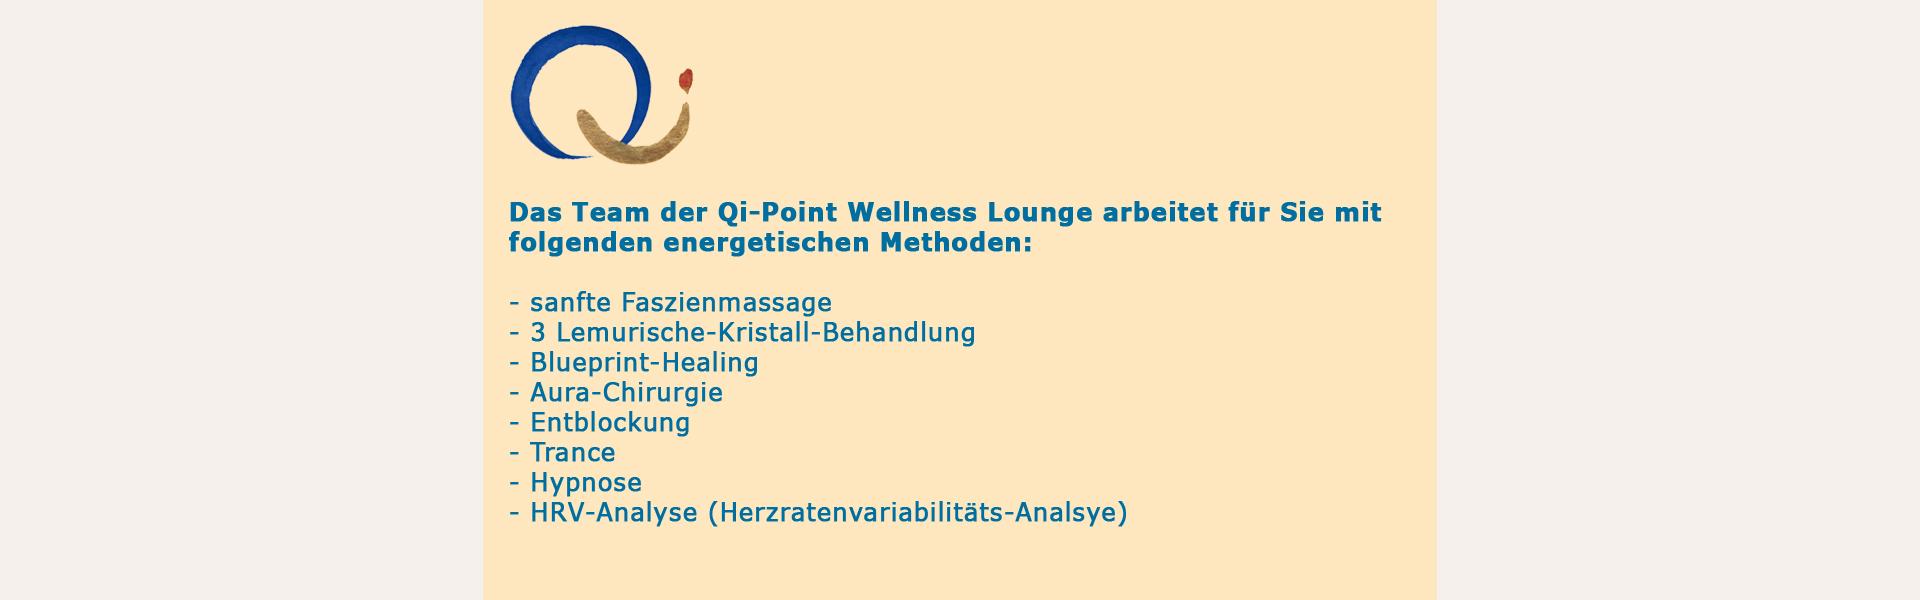 Slider02_Qi-Point-WL-Energiearbeit